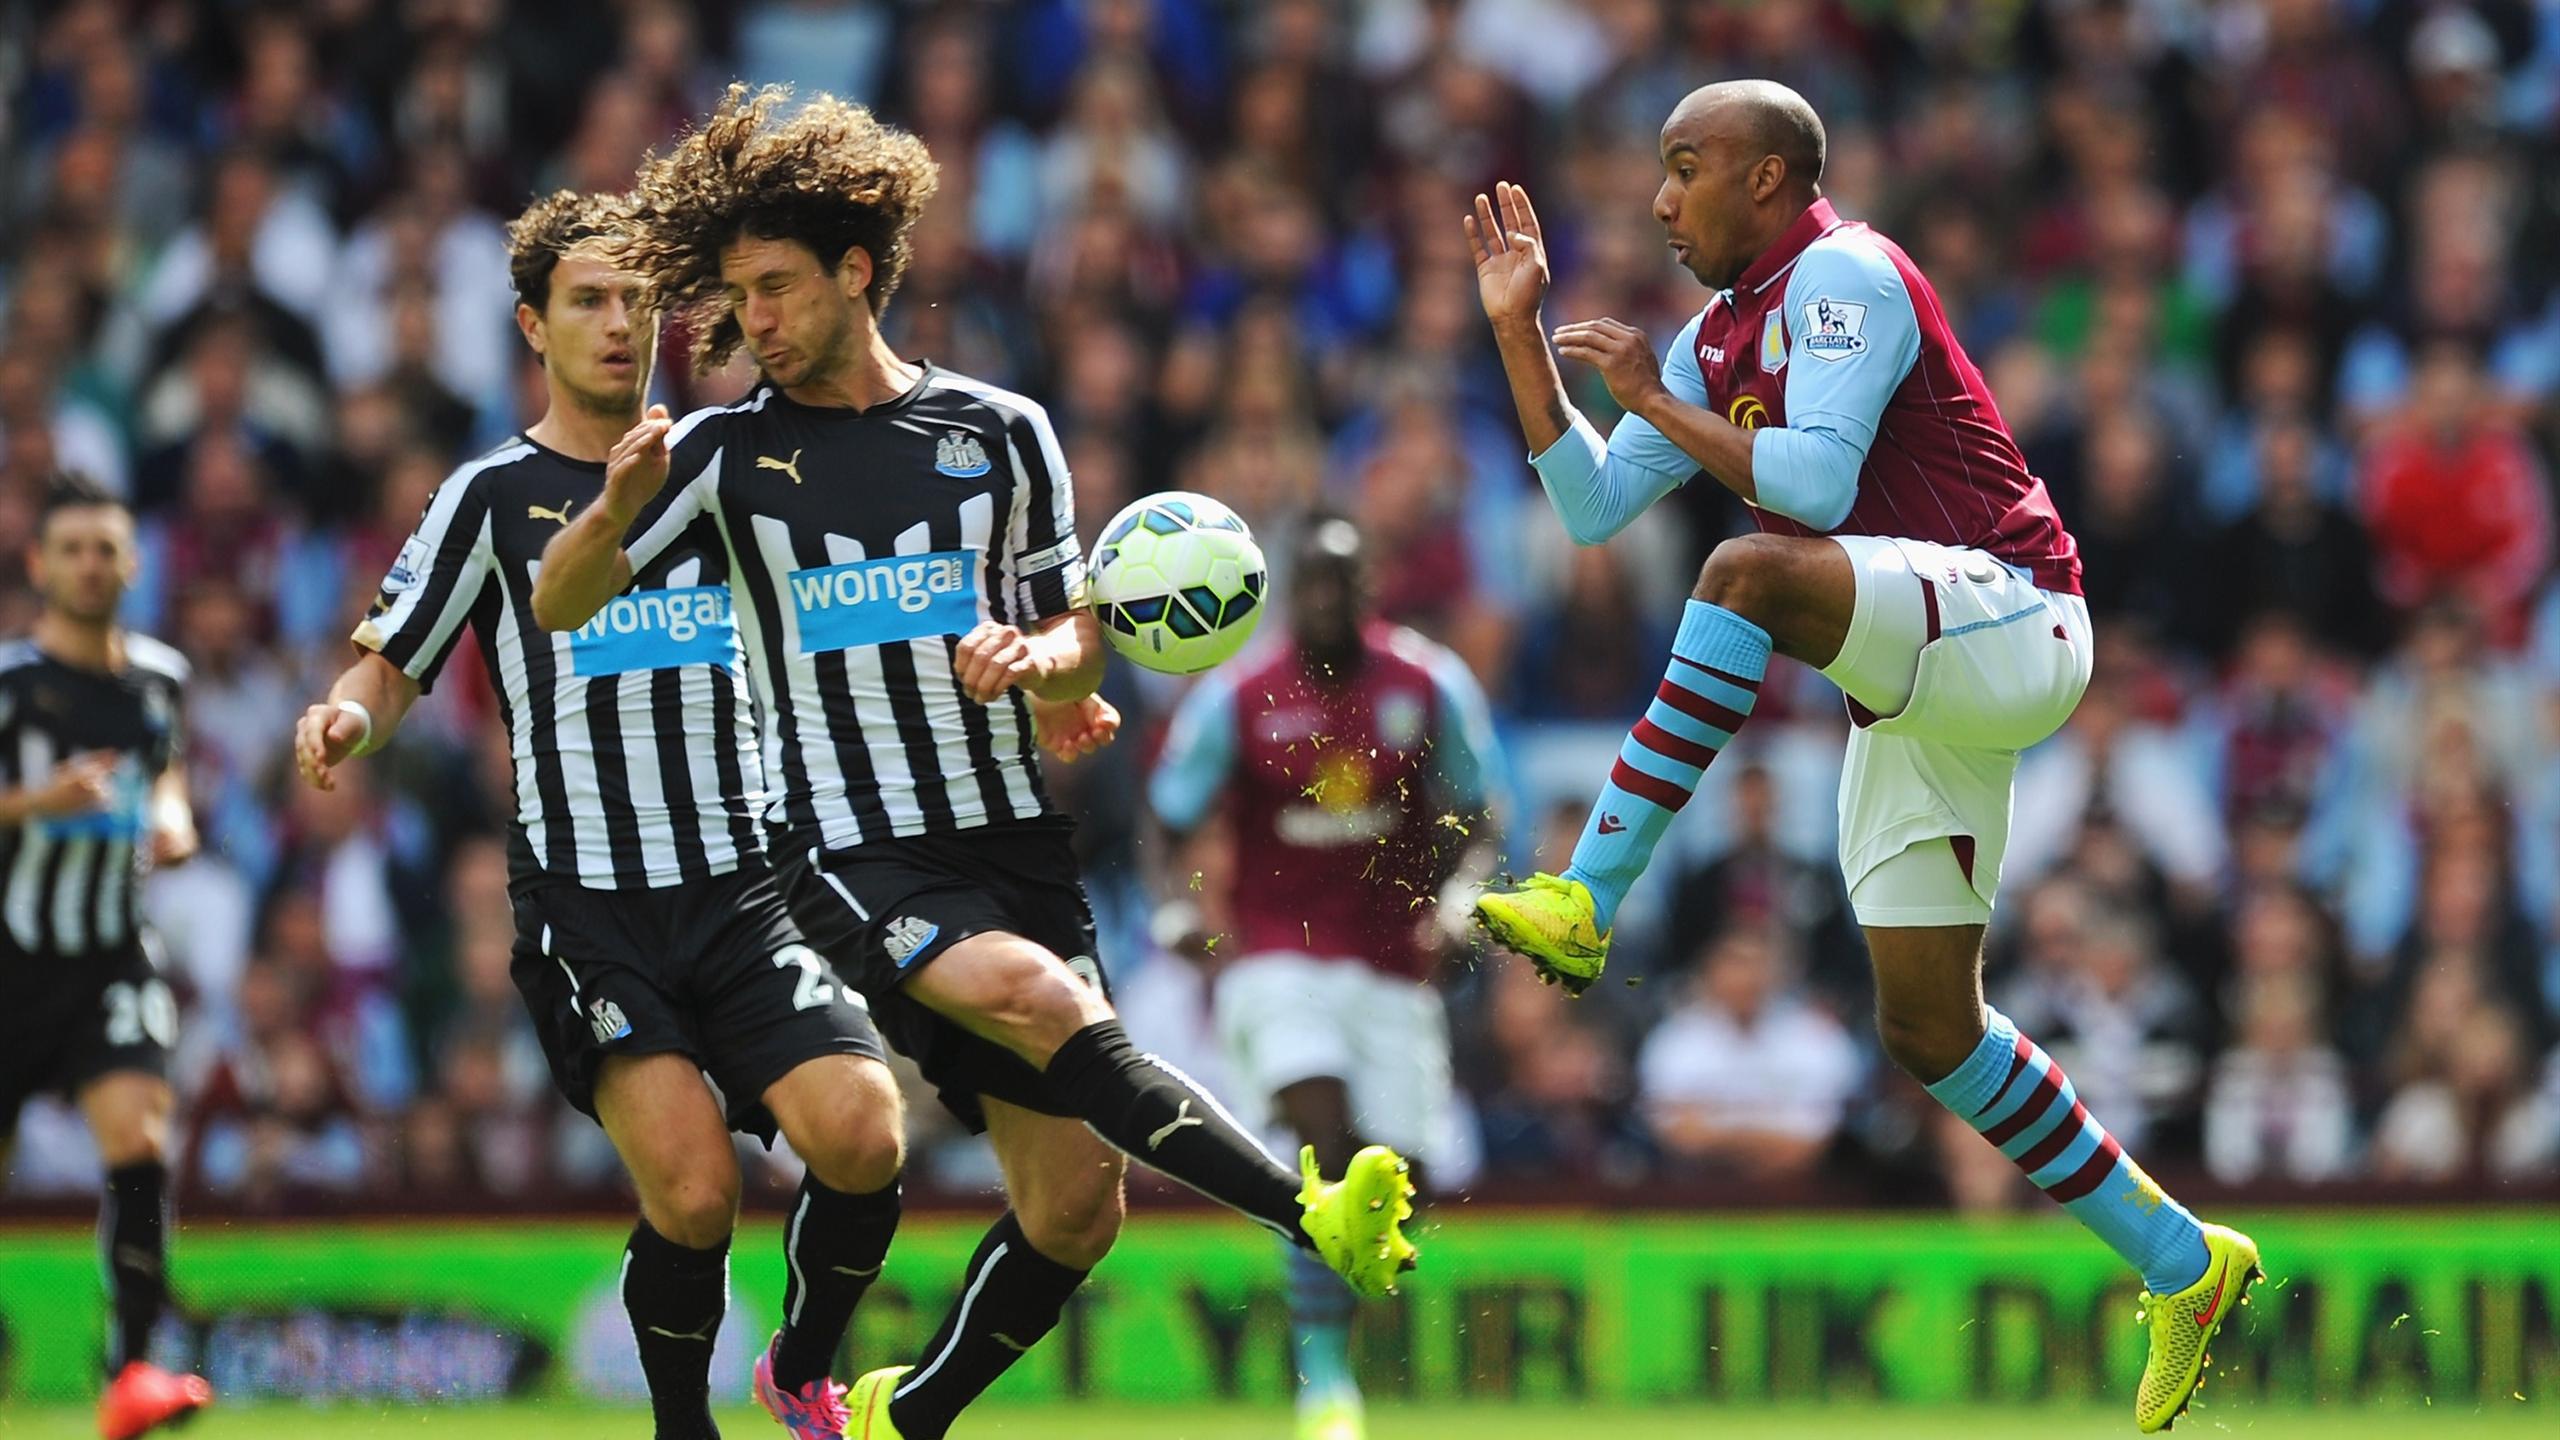 Video: Aston Villa vs Newcastle United